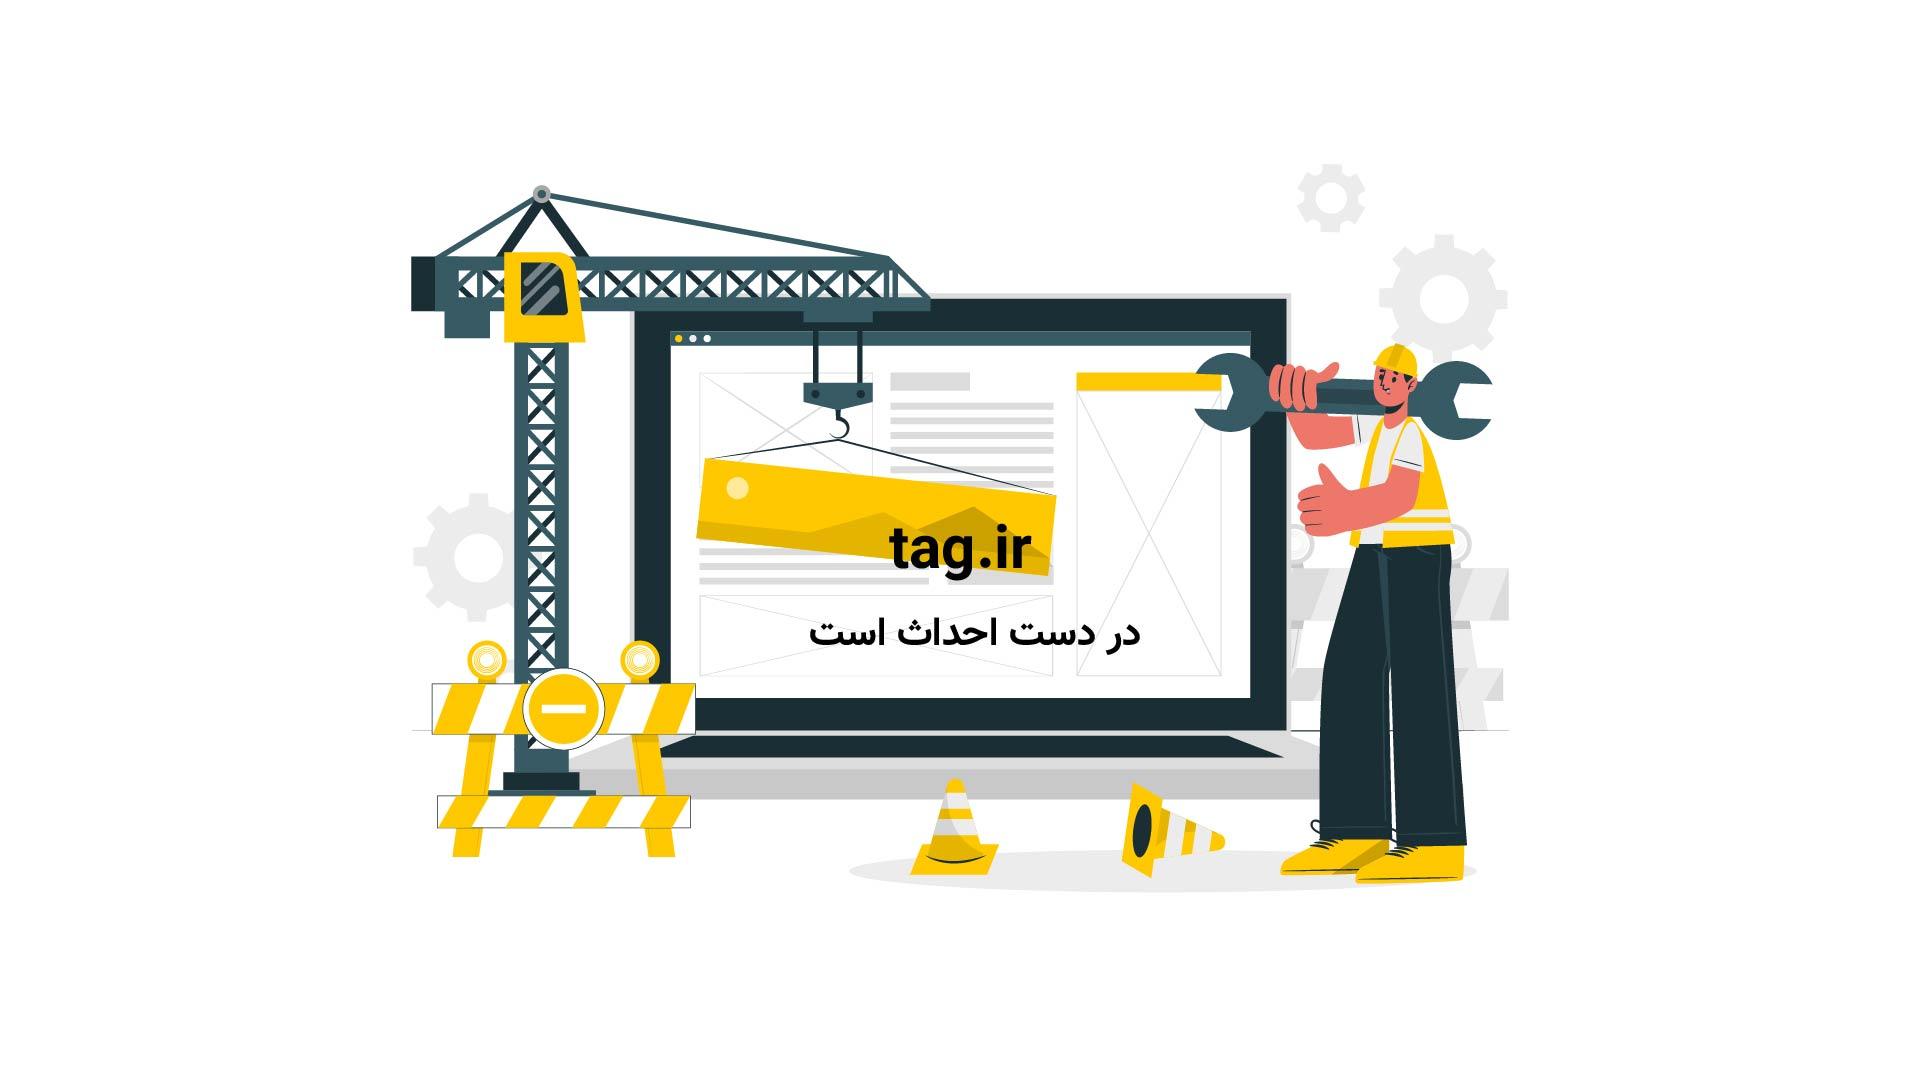 نقاشی با توپ فوتبال | فیلم